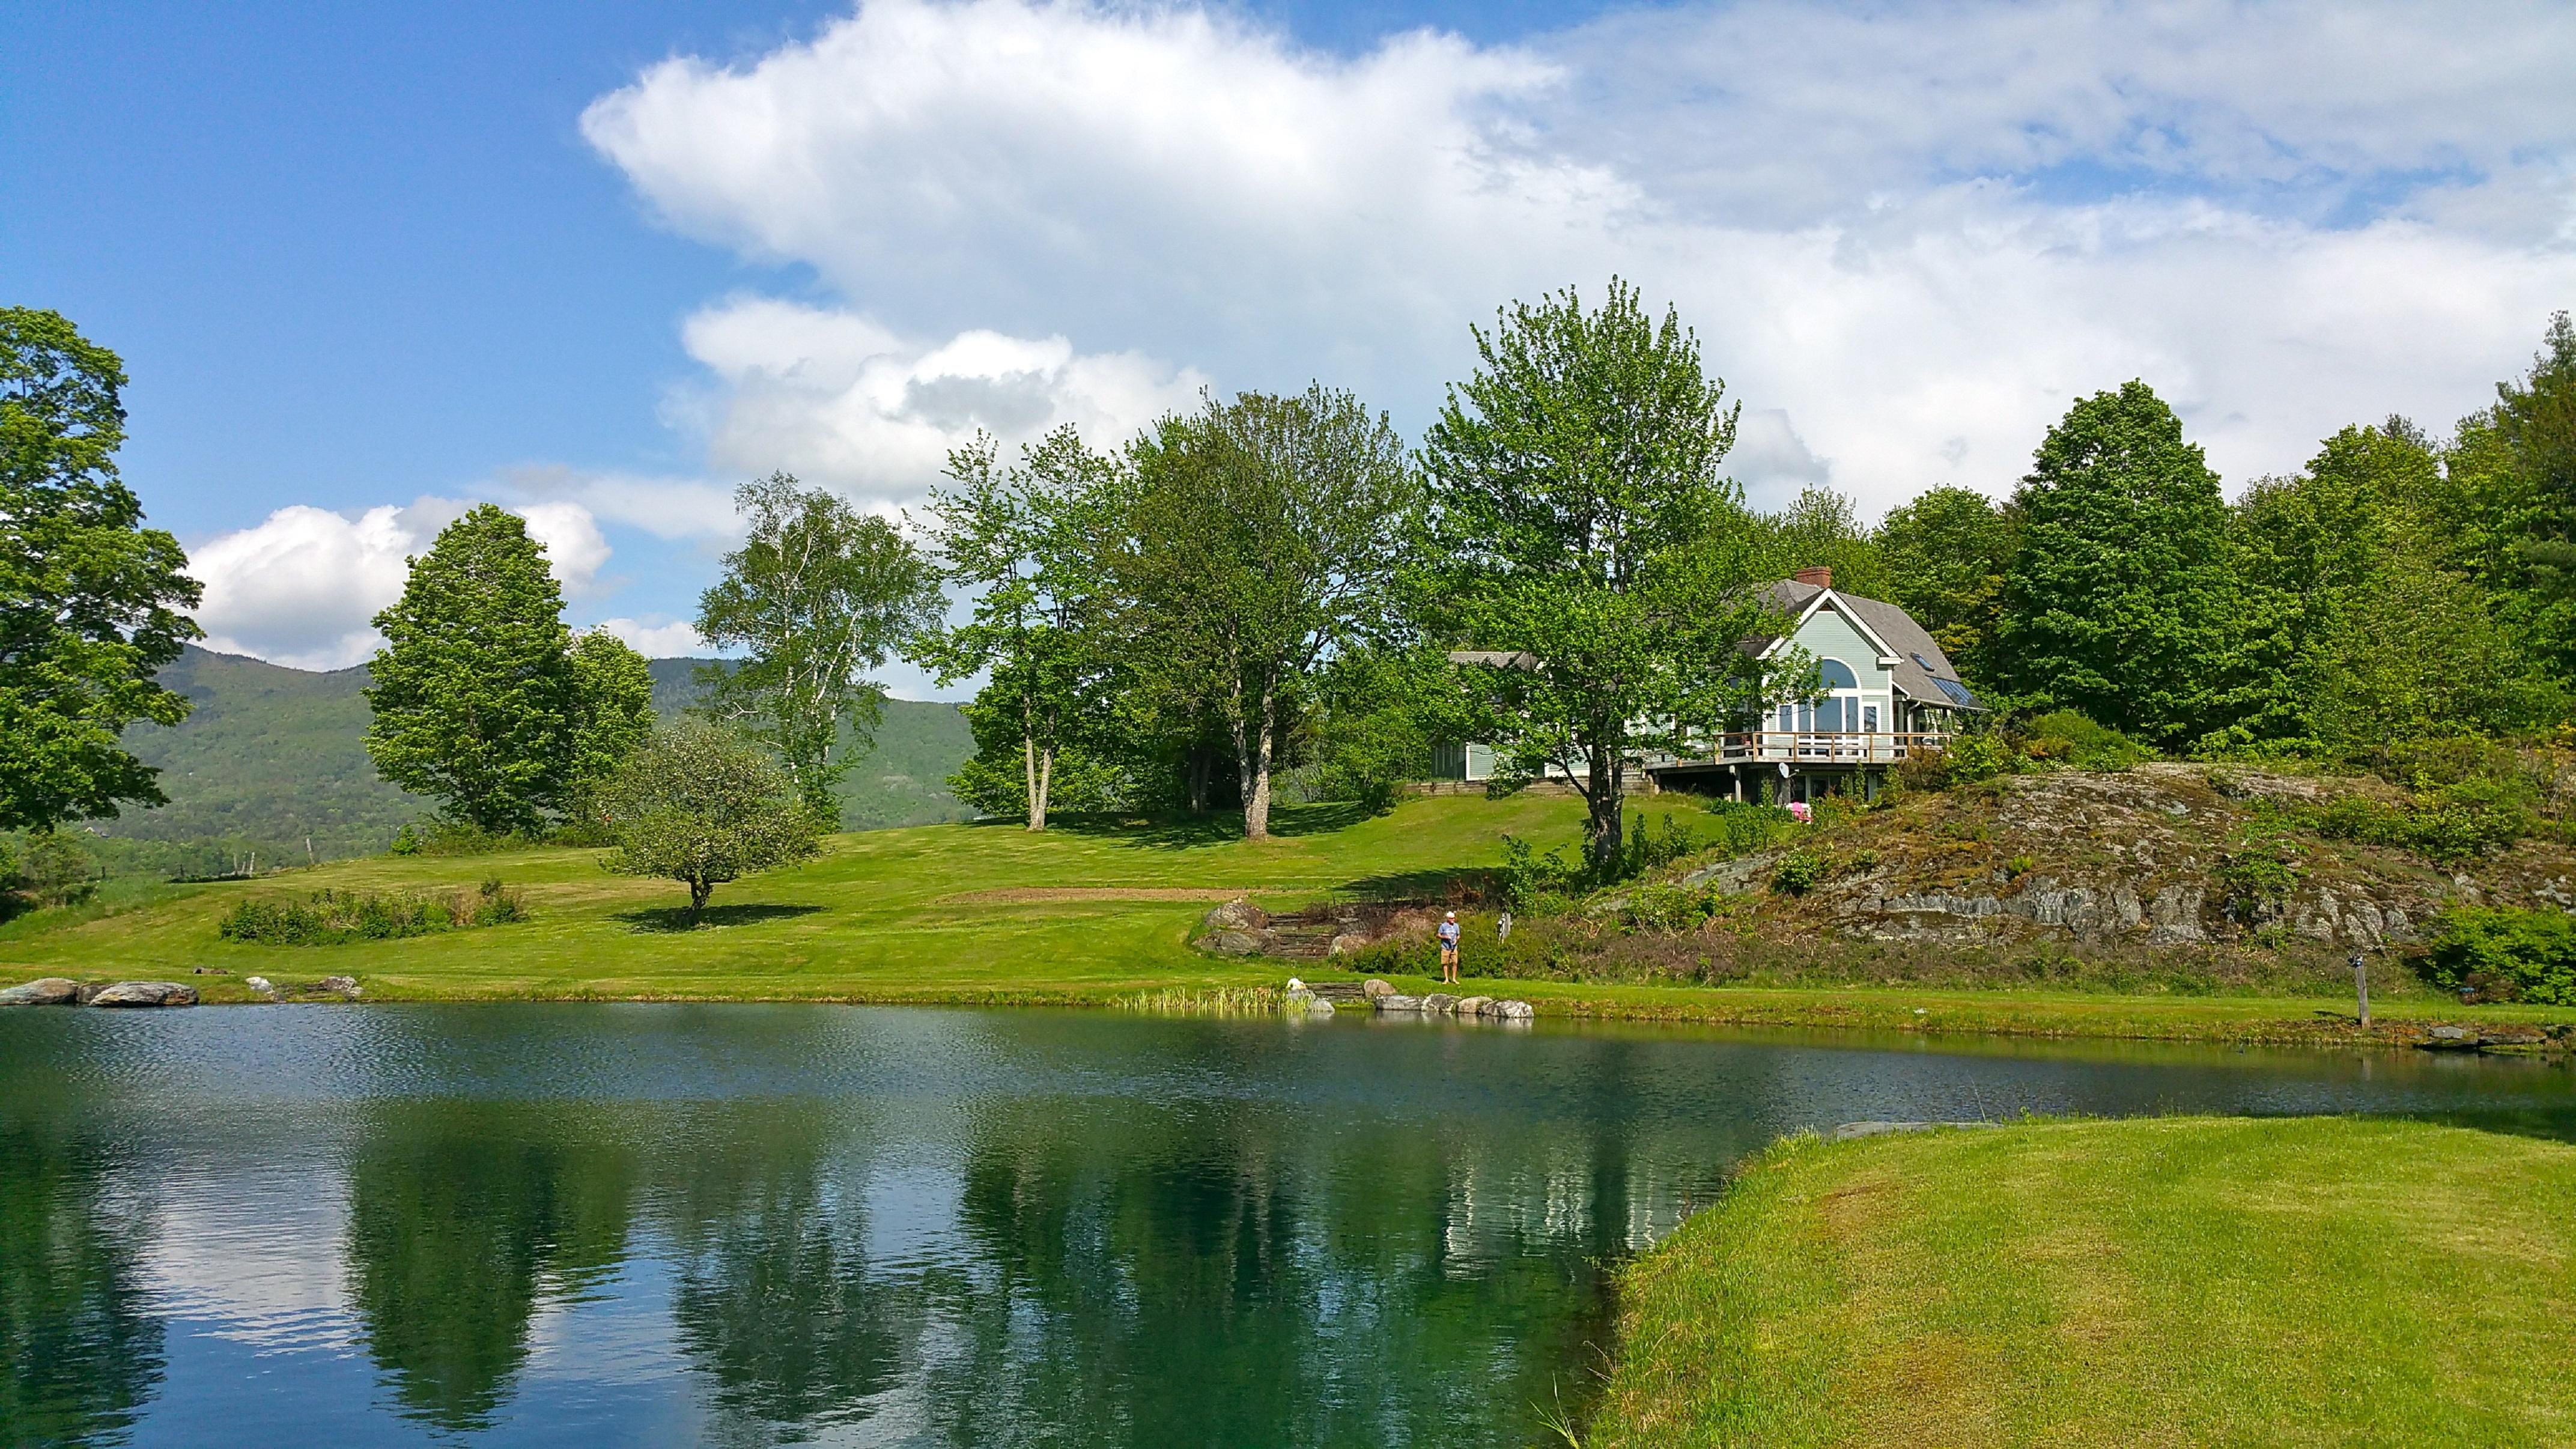 Maison unifamiliale pour l Vente à 650 Perry Lea Road, Waterbury 650 Perry Lea Rd Waterbury, Vermont 05676 États-Unis